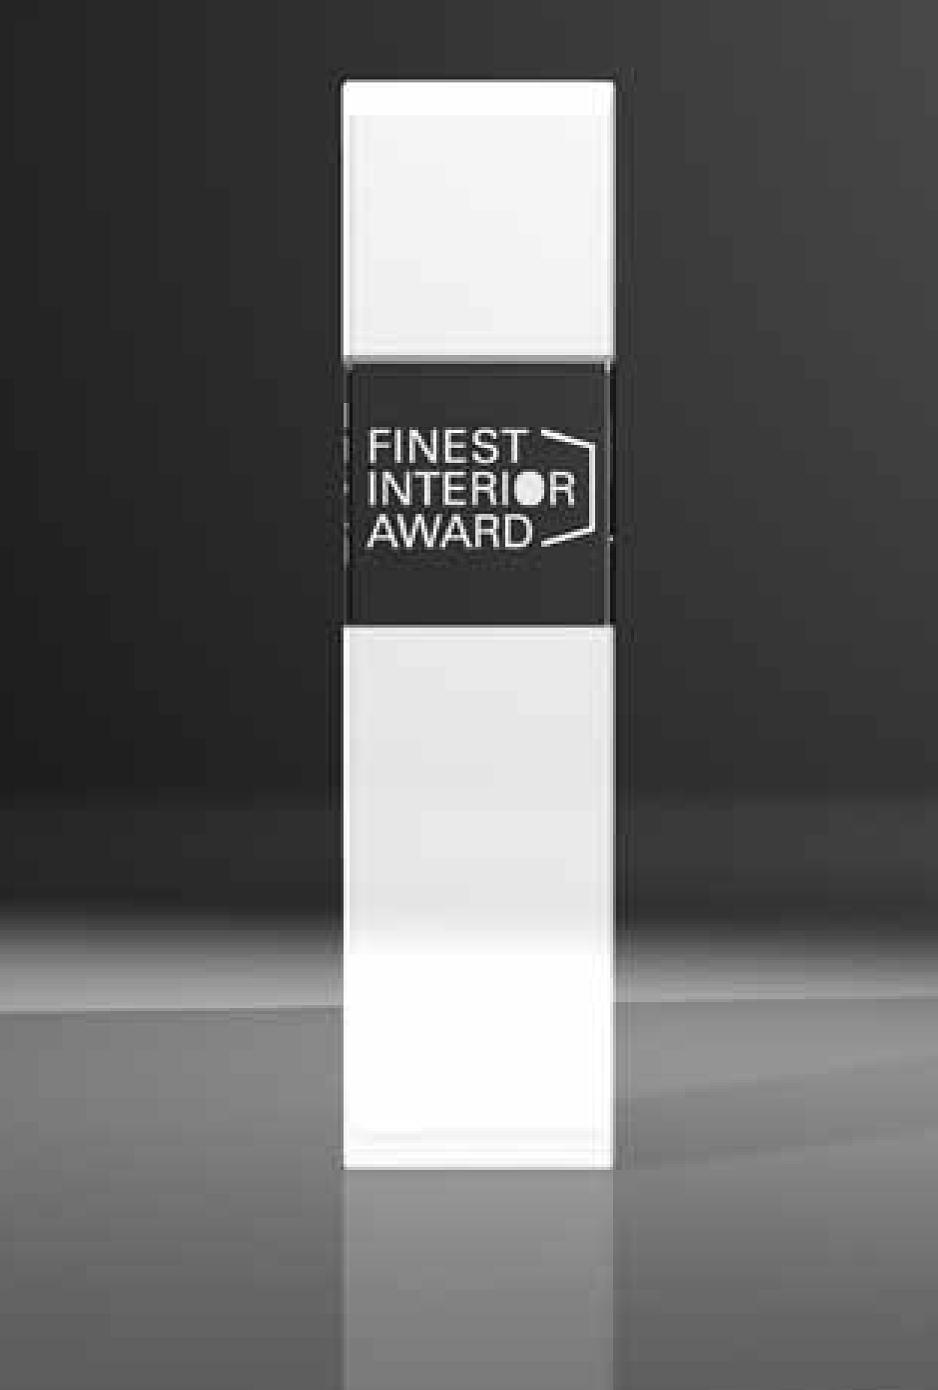 Auszeichnung Finest interior award 2015